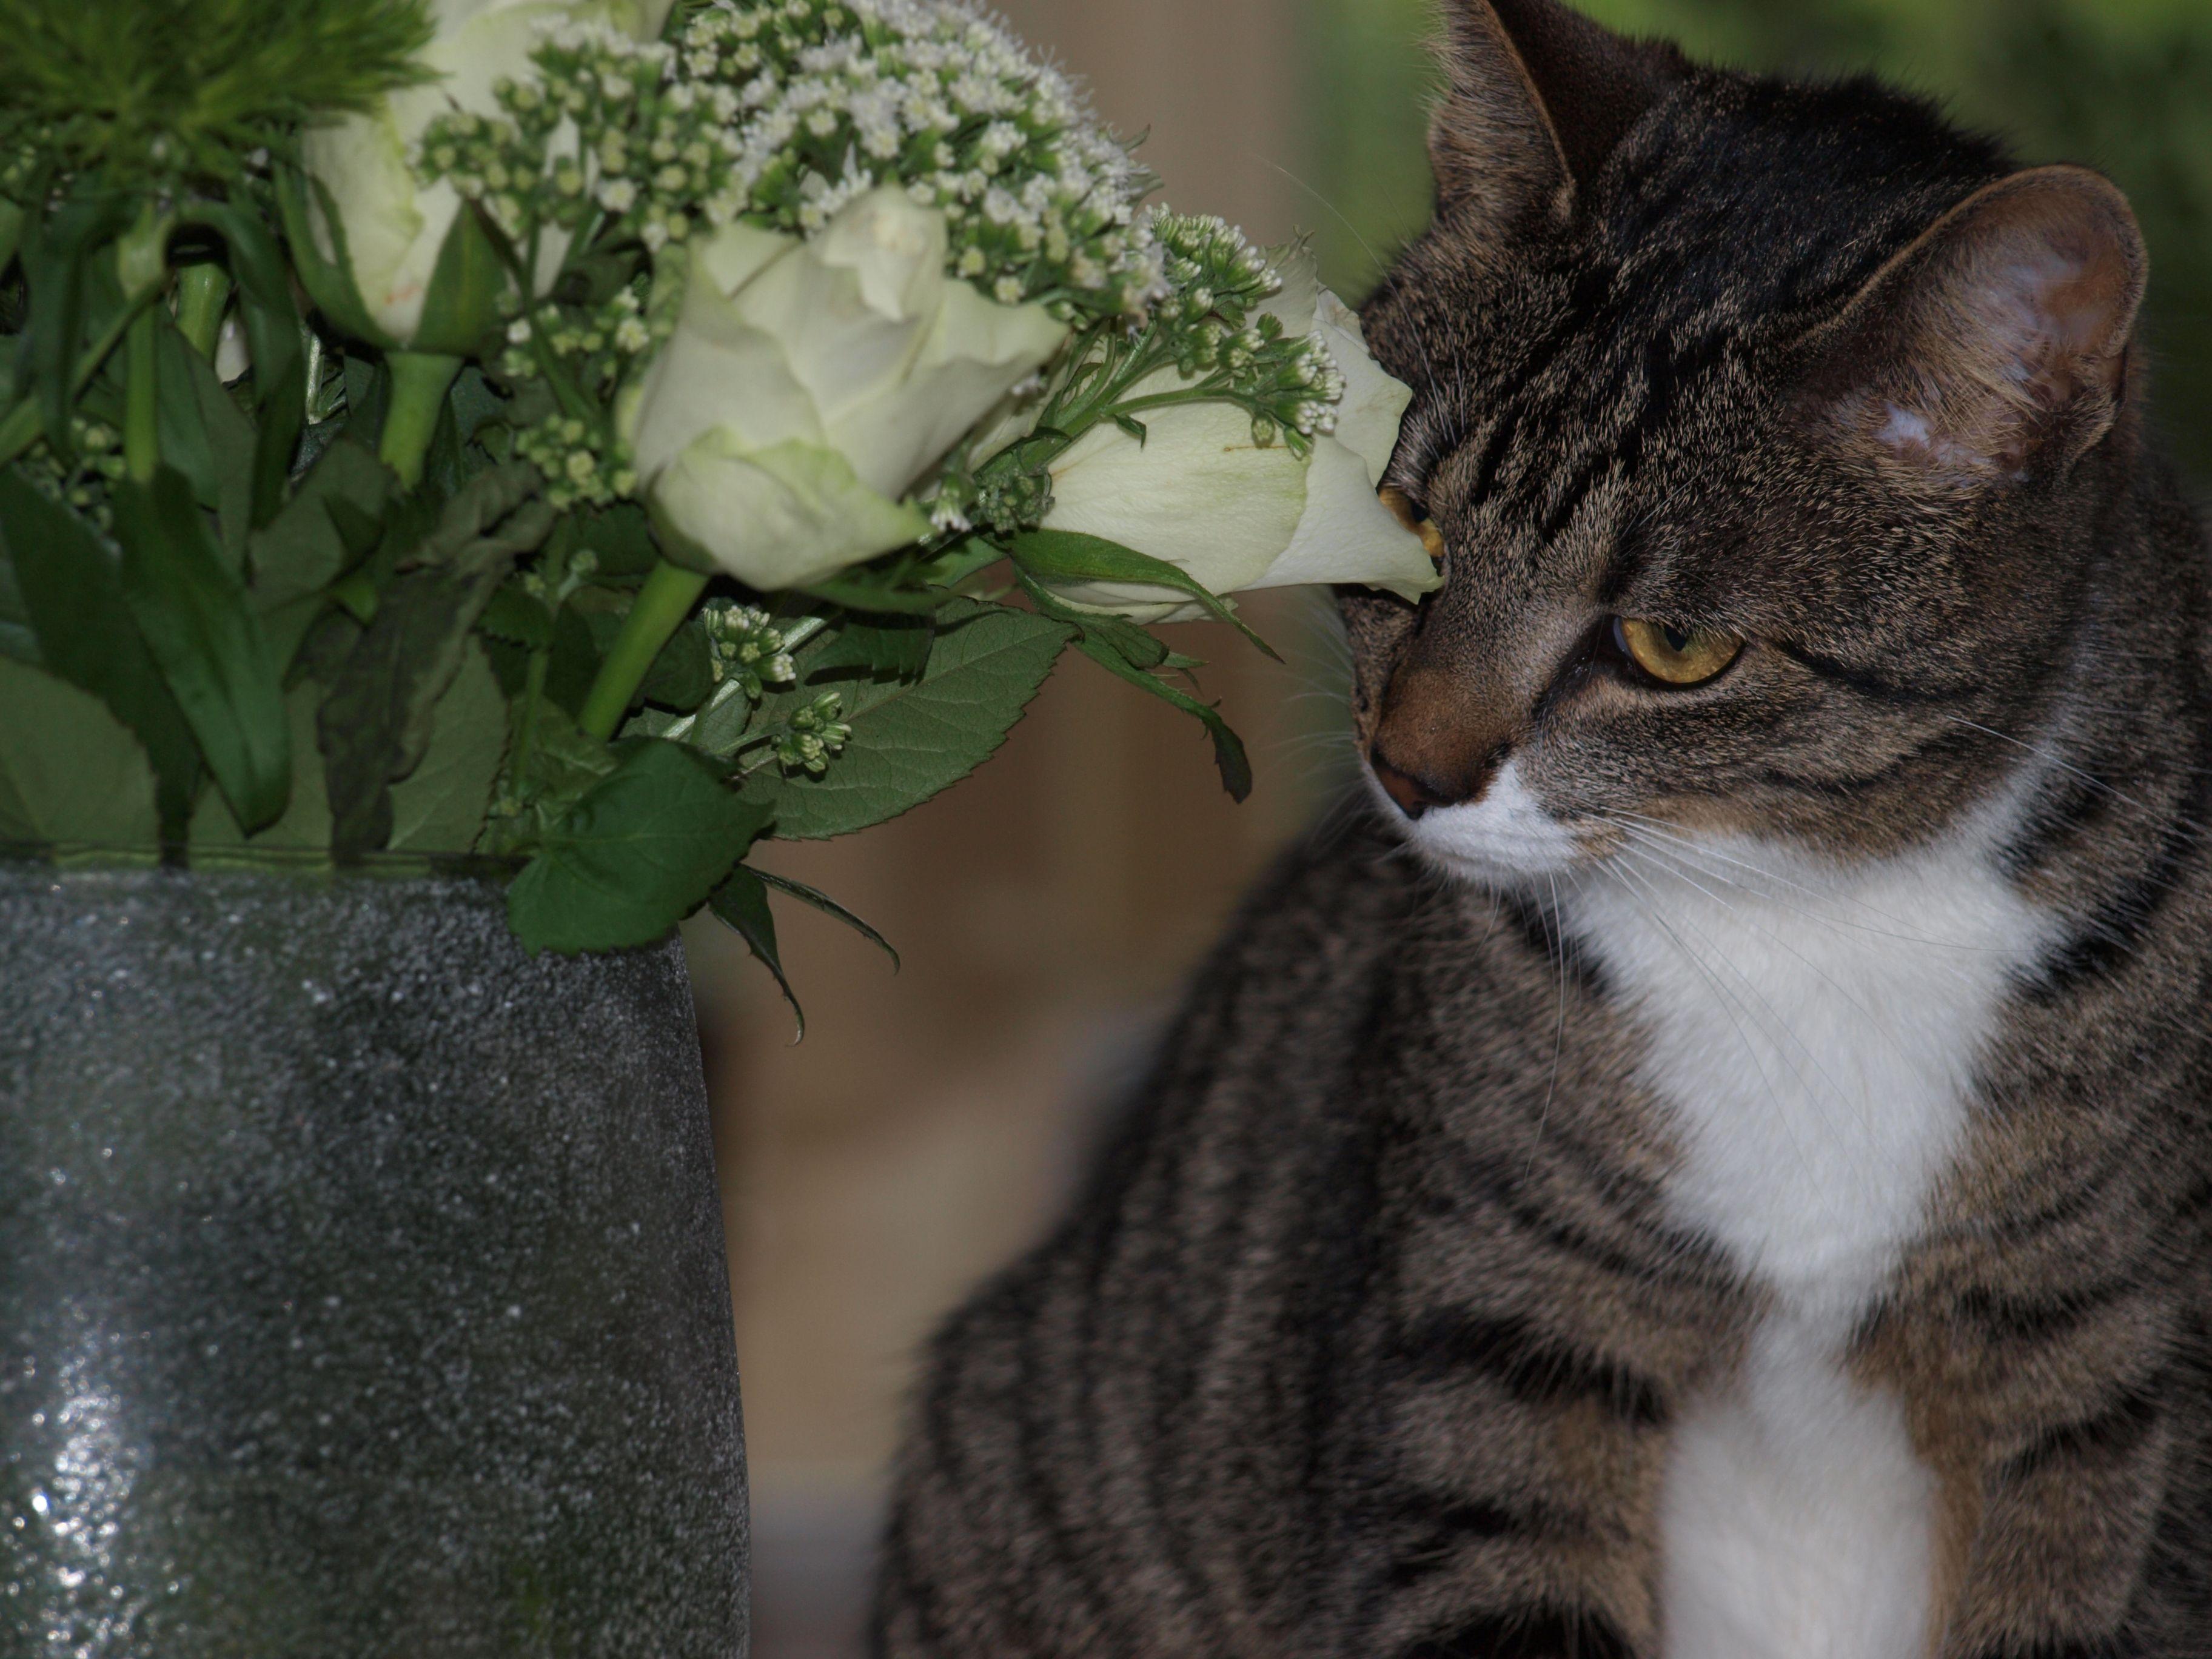 ze houd van bloemen